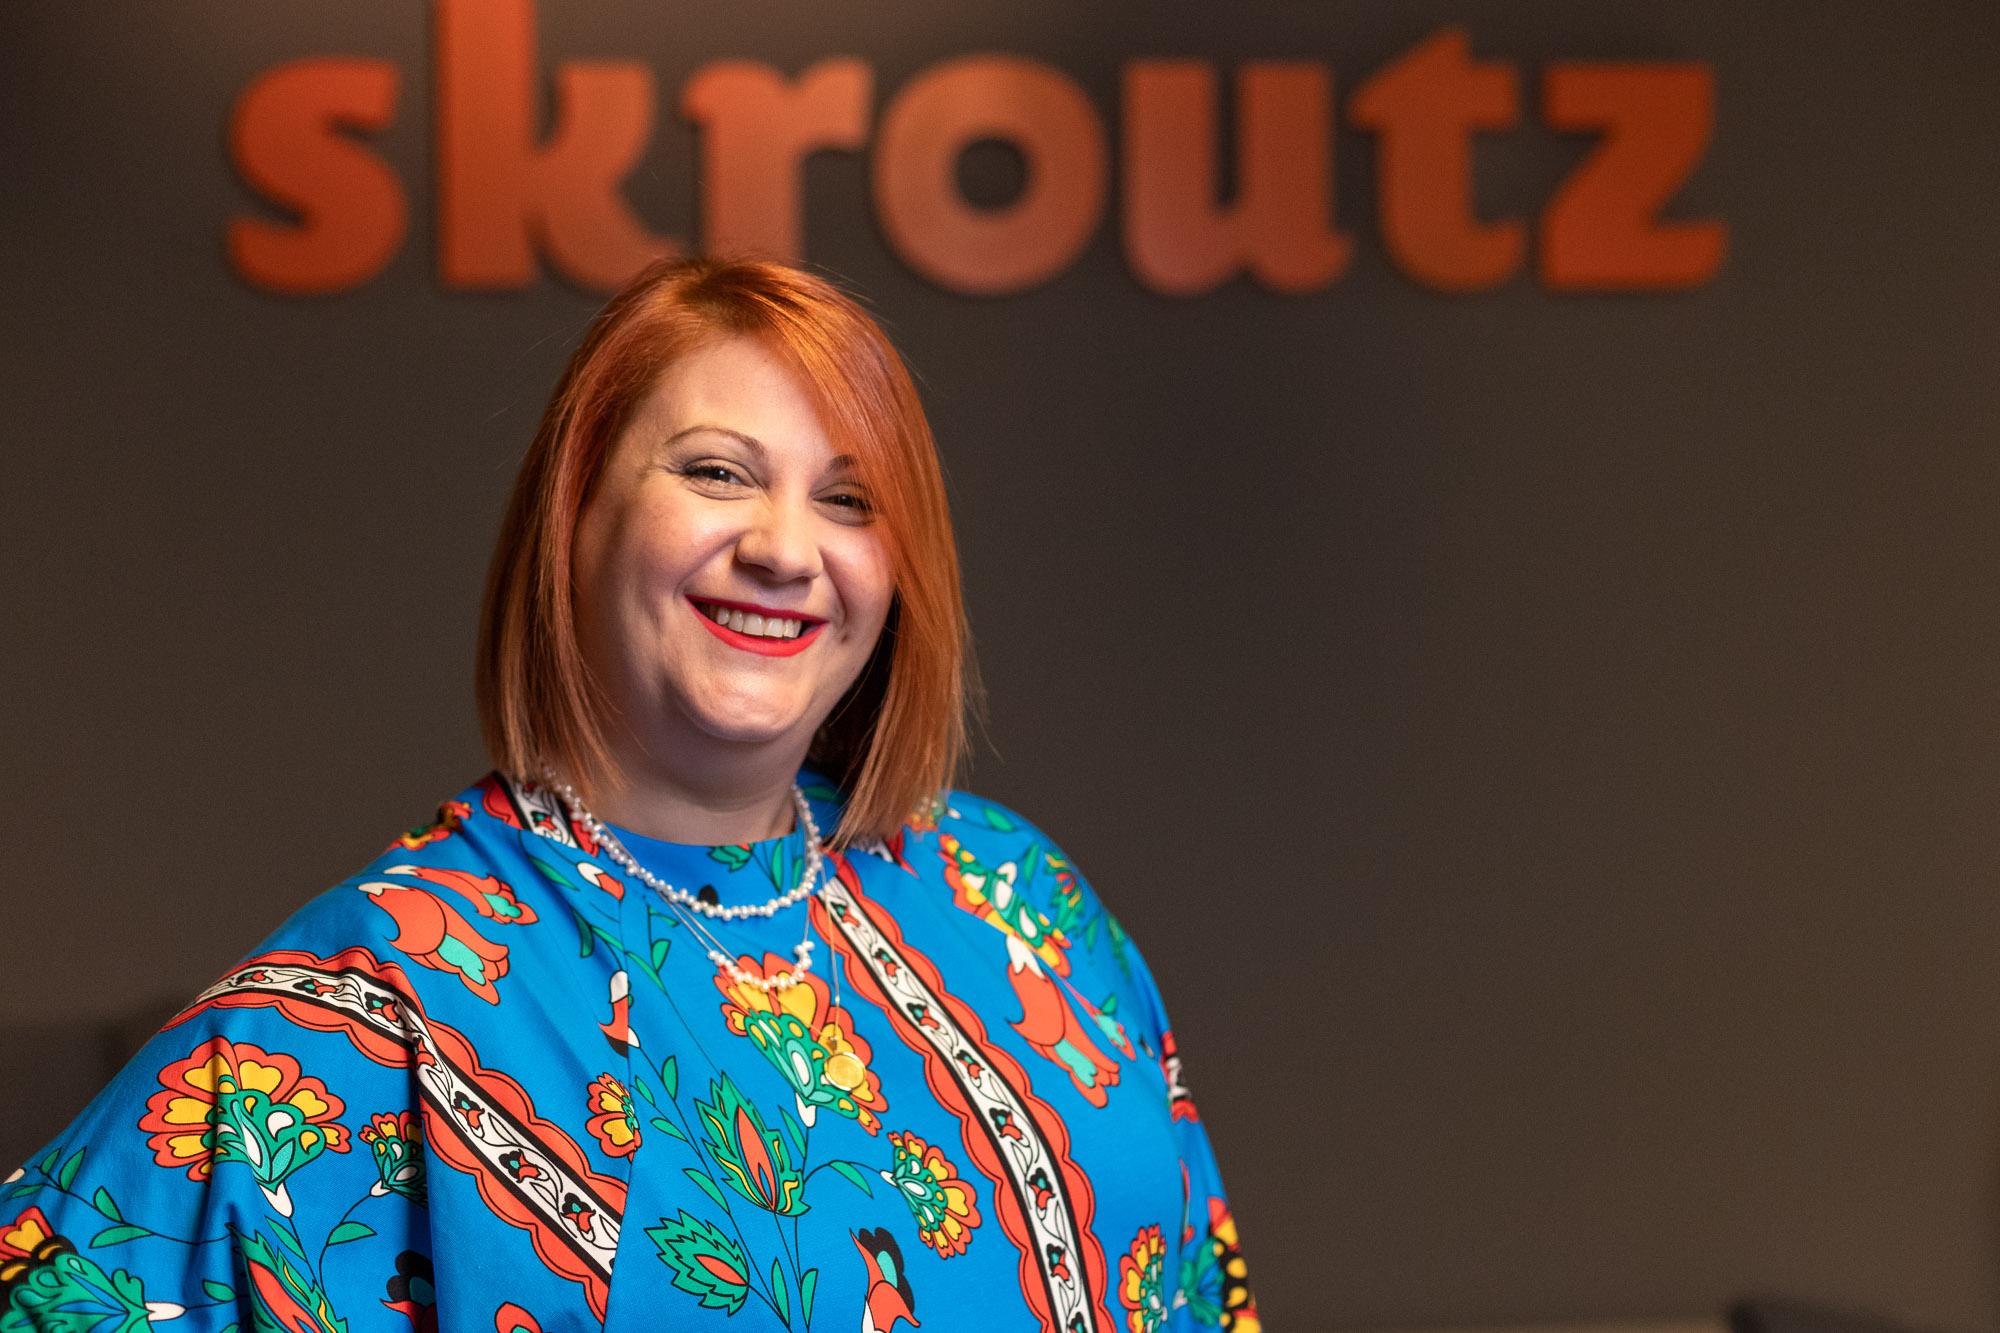 Ρόζα Ταπίνη, Head Of People Operations, Skroutz